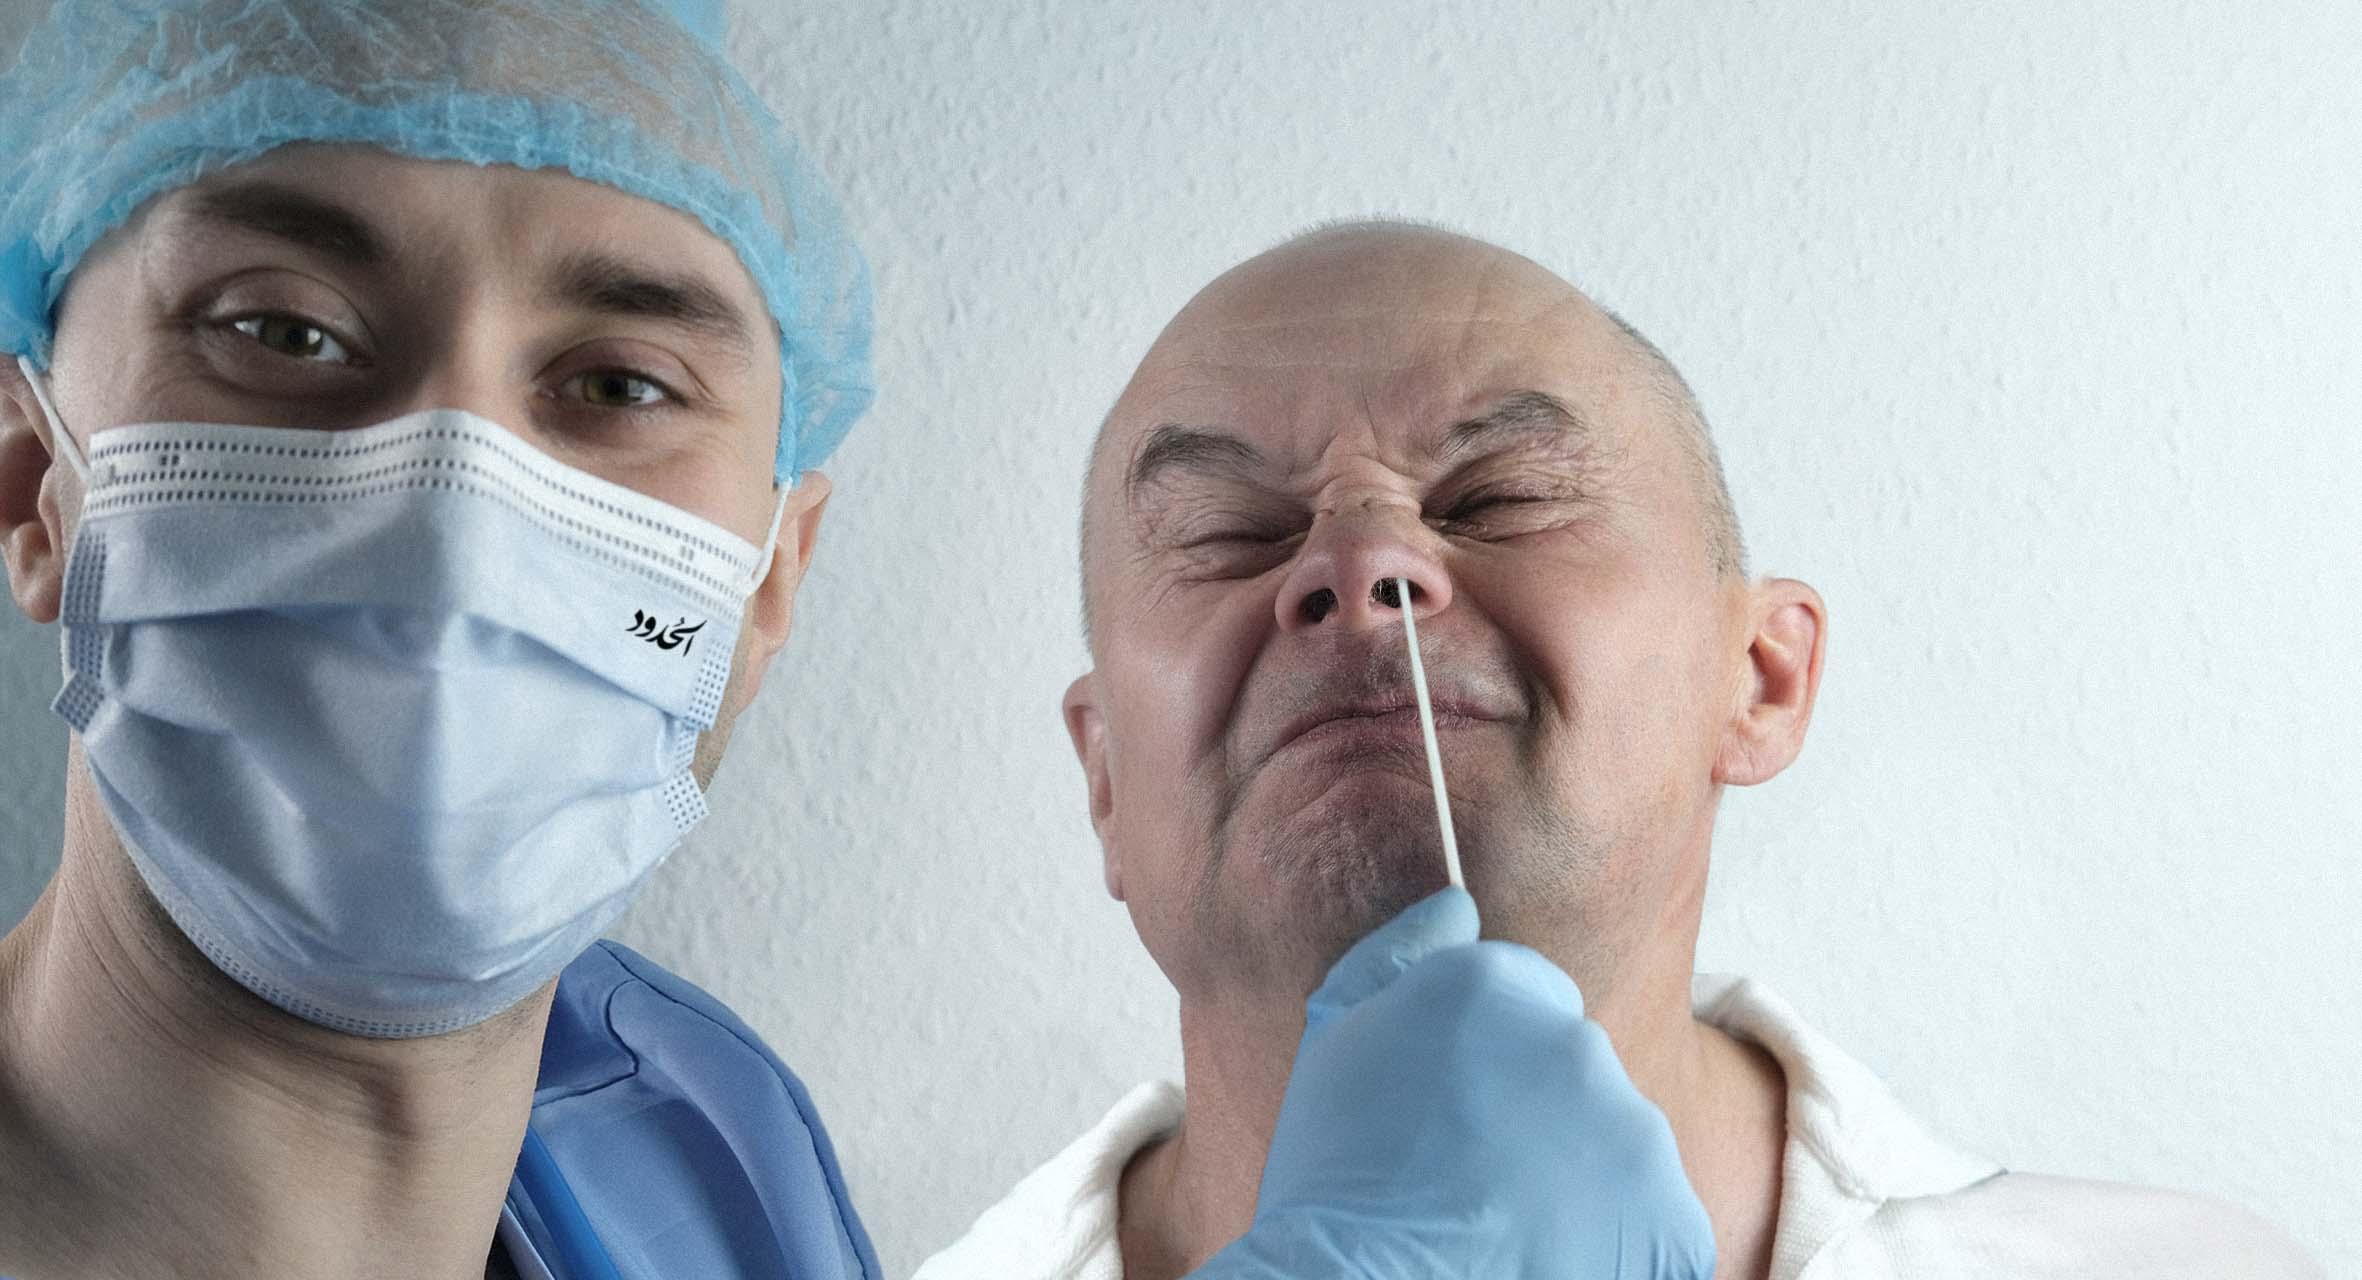 صورة ممرض يرفع دقة فحص كورونا بأخذ العينات من الدماغ مباشرة